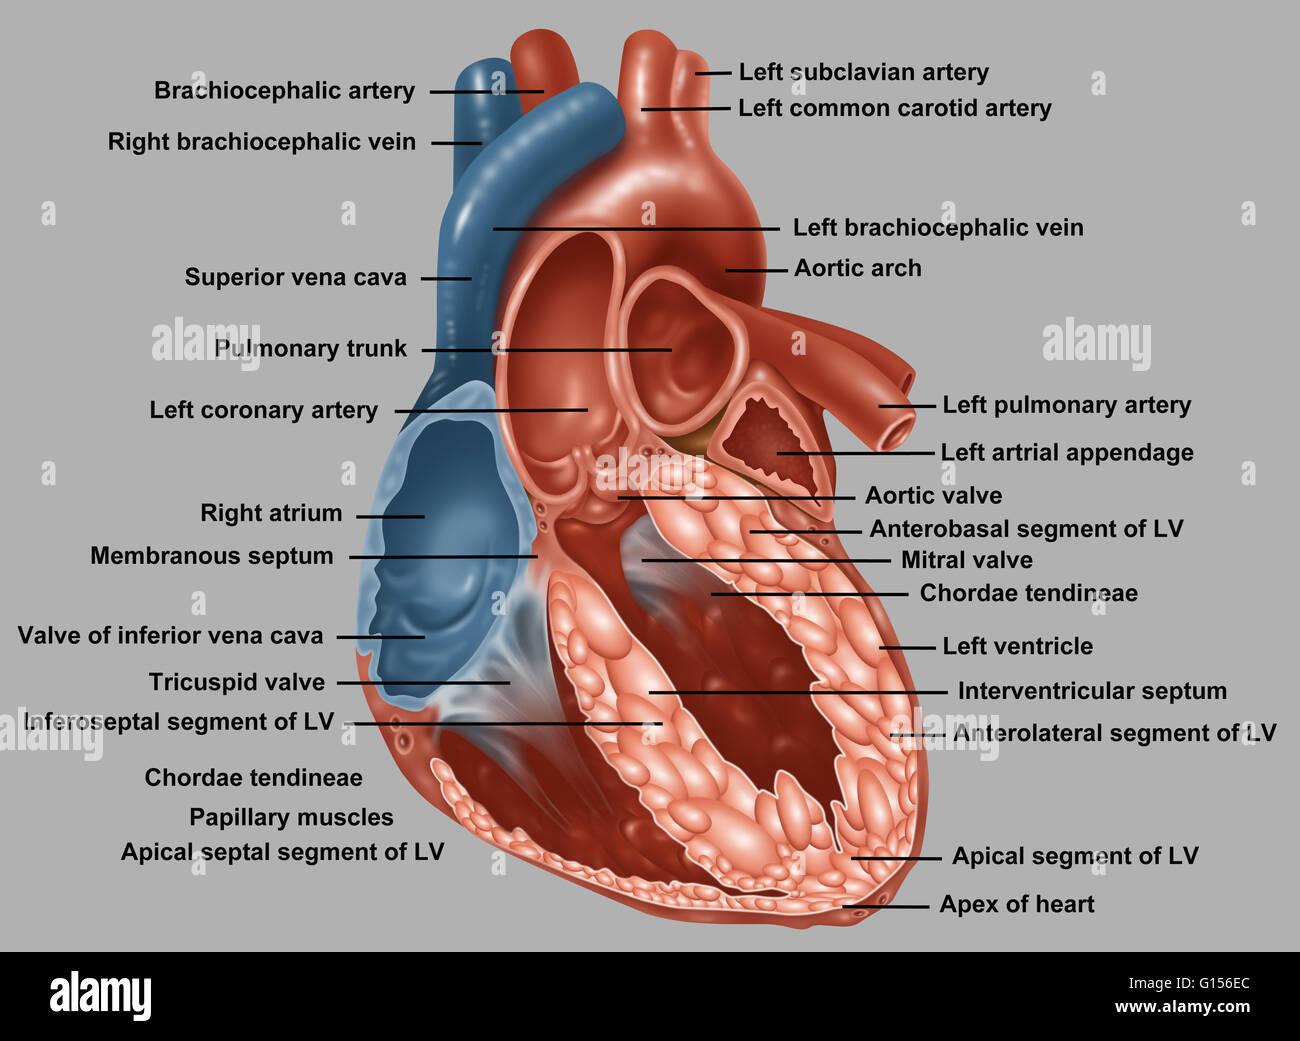 Increíble Etiquetado Anatomía Y Fisiología Bosquejo - Imágenes de ...